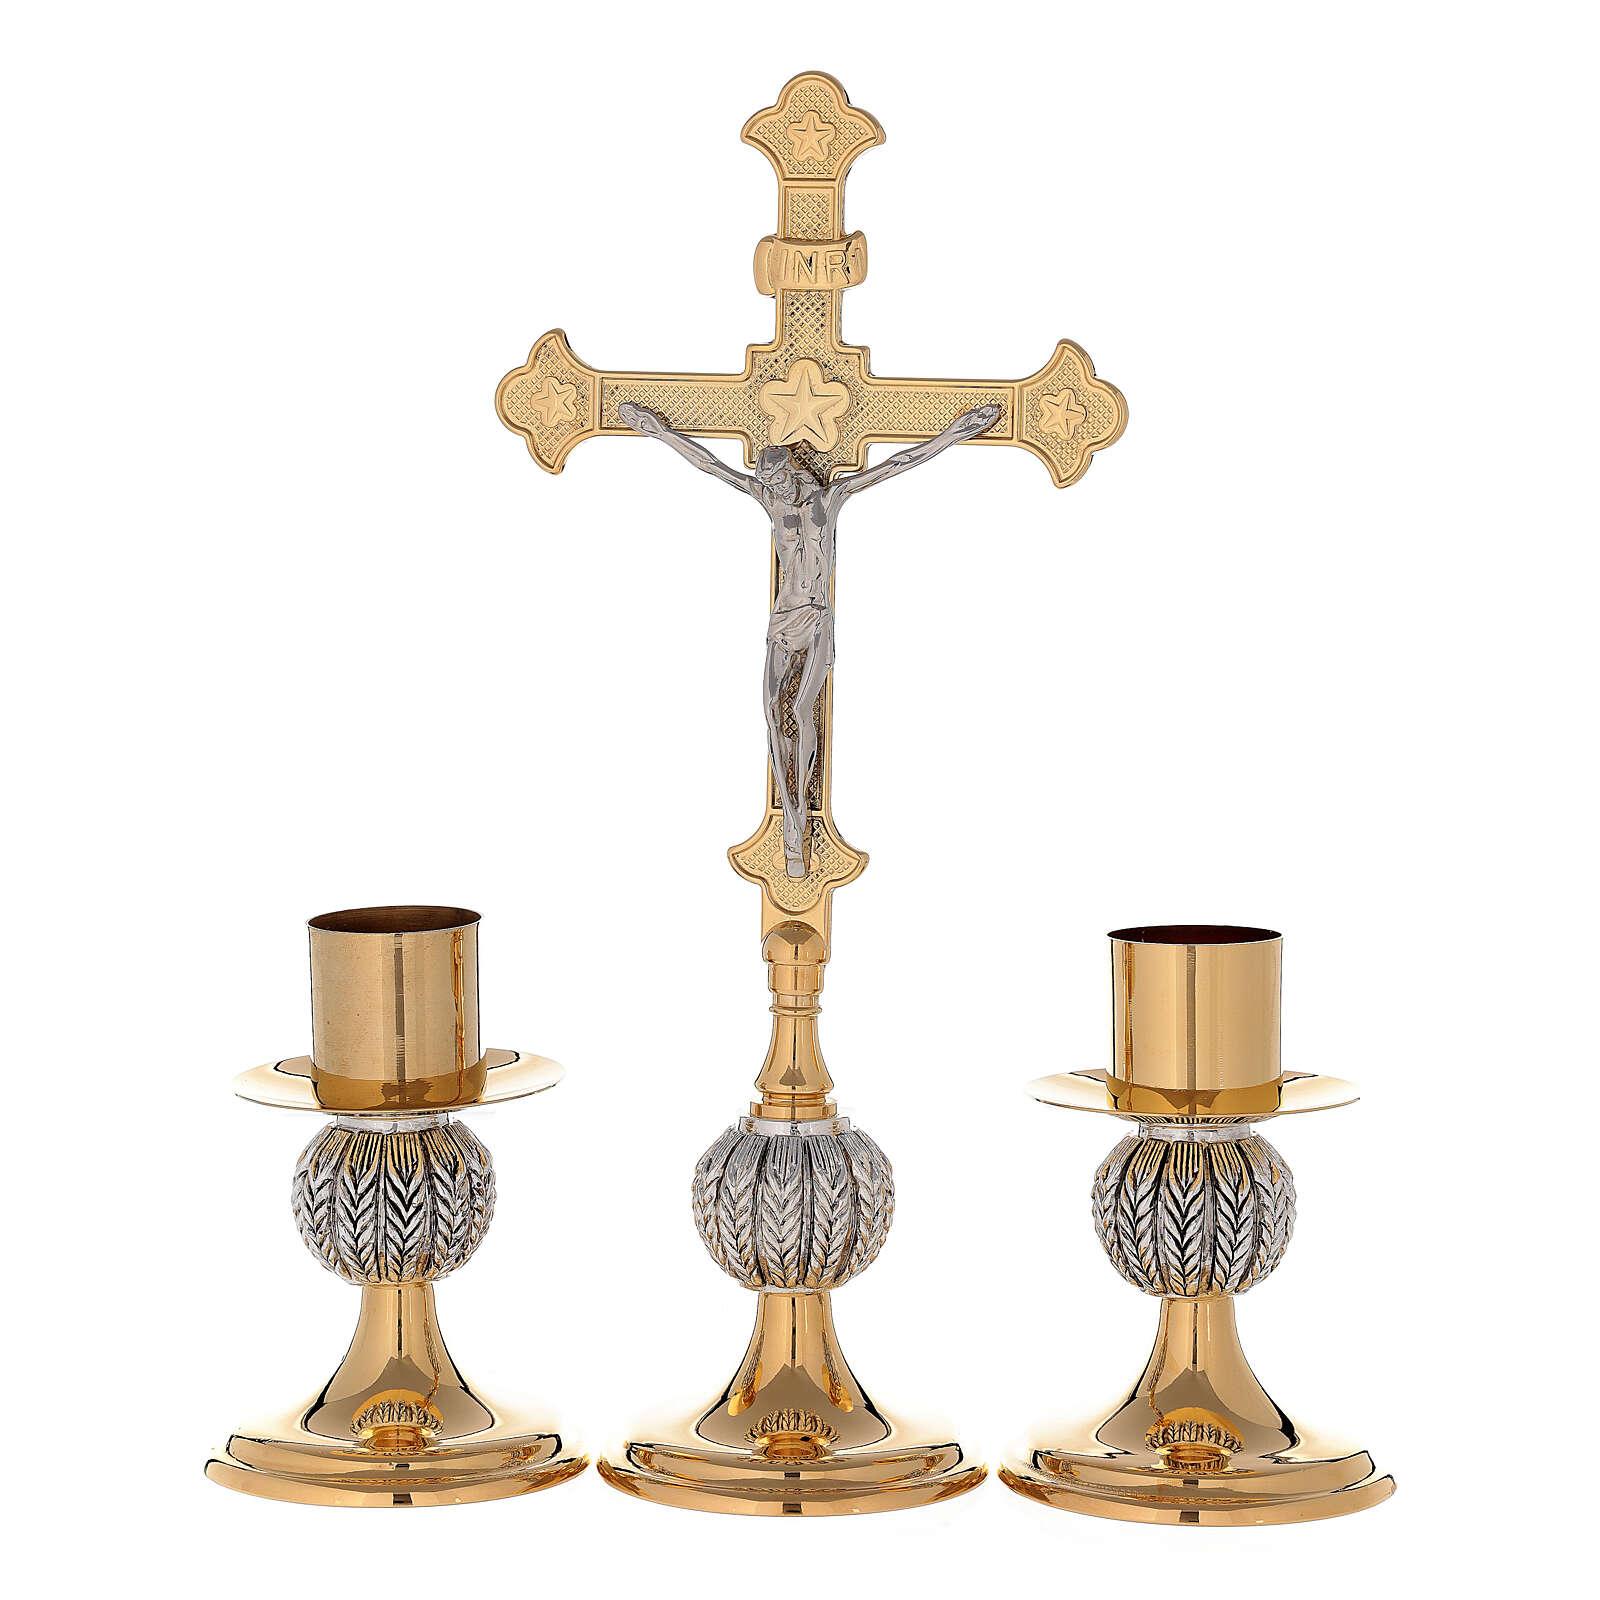 Croce altare nodo spighe ottone dorato 24k con candelieri 4